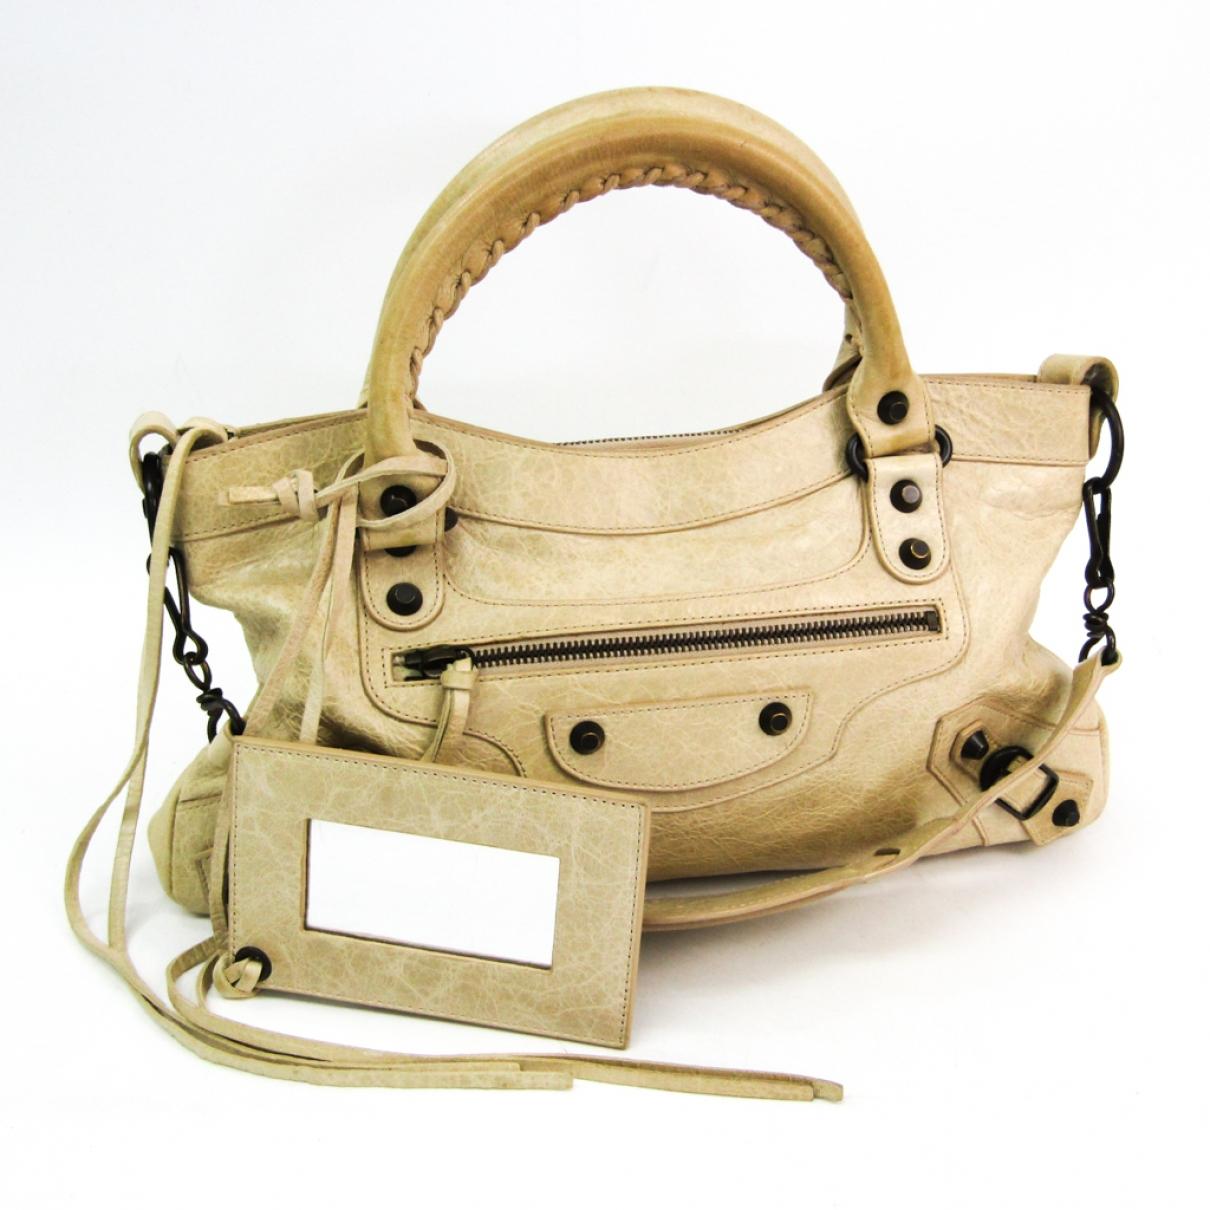 Balenciaga City Beige Leather handbag for Women \N